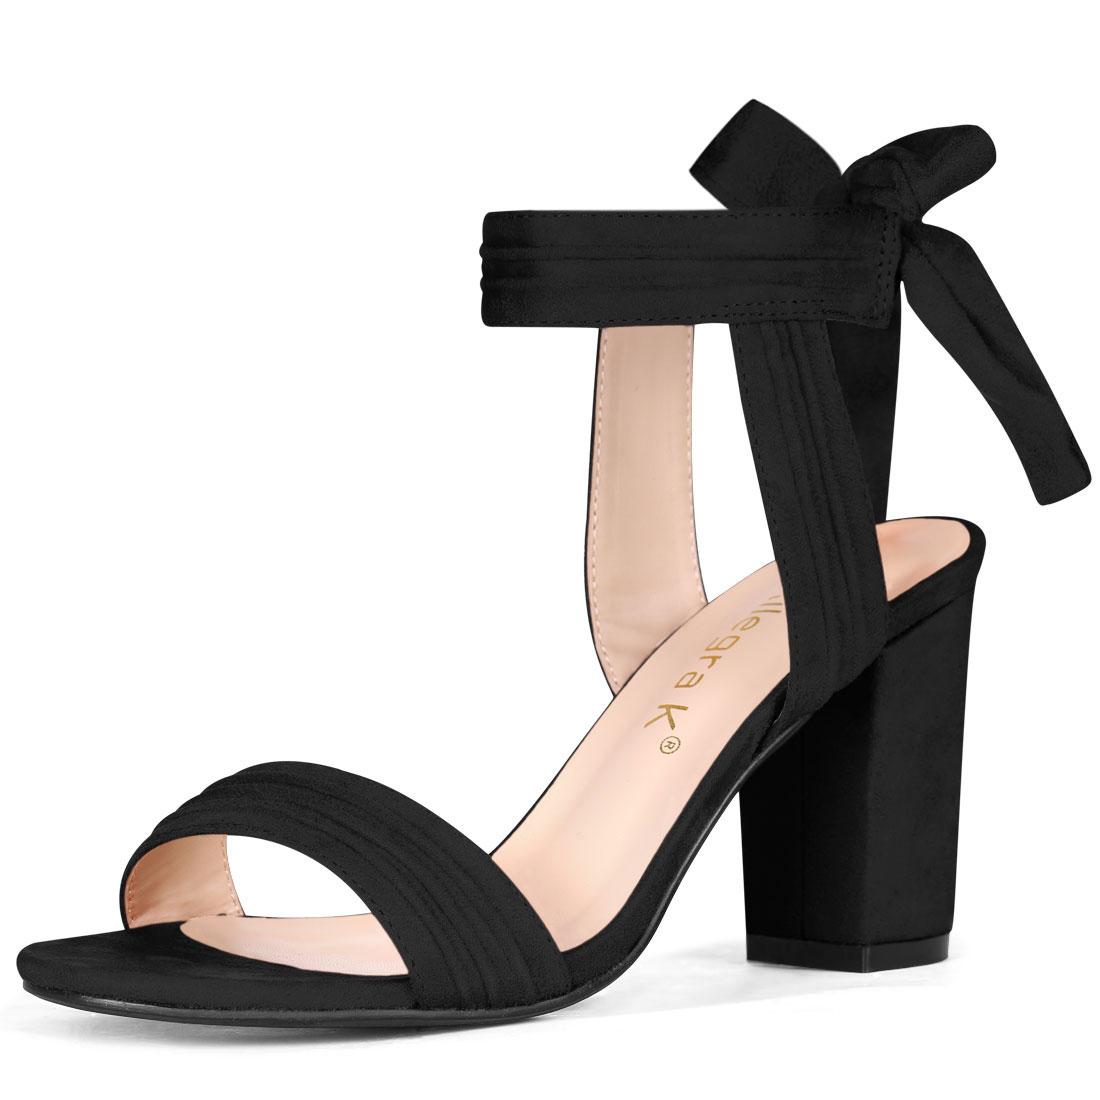 Allegra K Women's Open Toe Ankle Tie Back Chunky Heel Sandals Black US 7